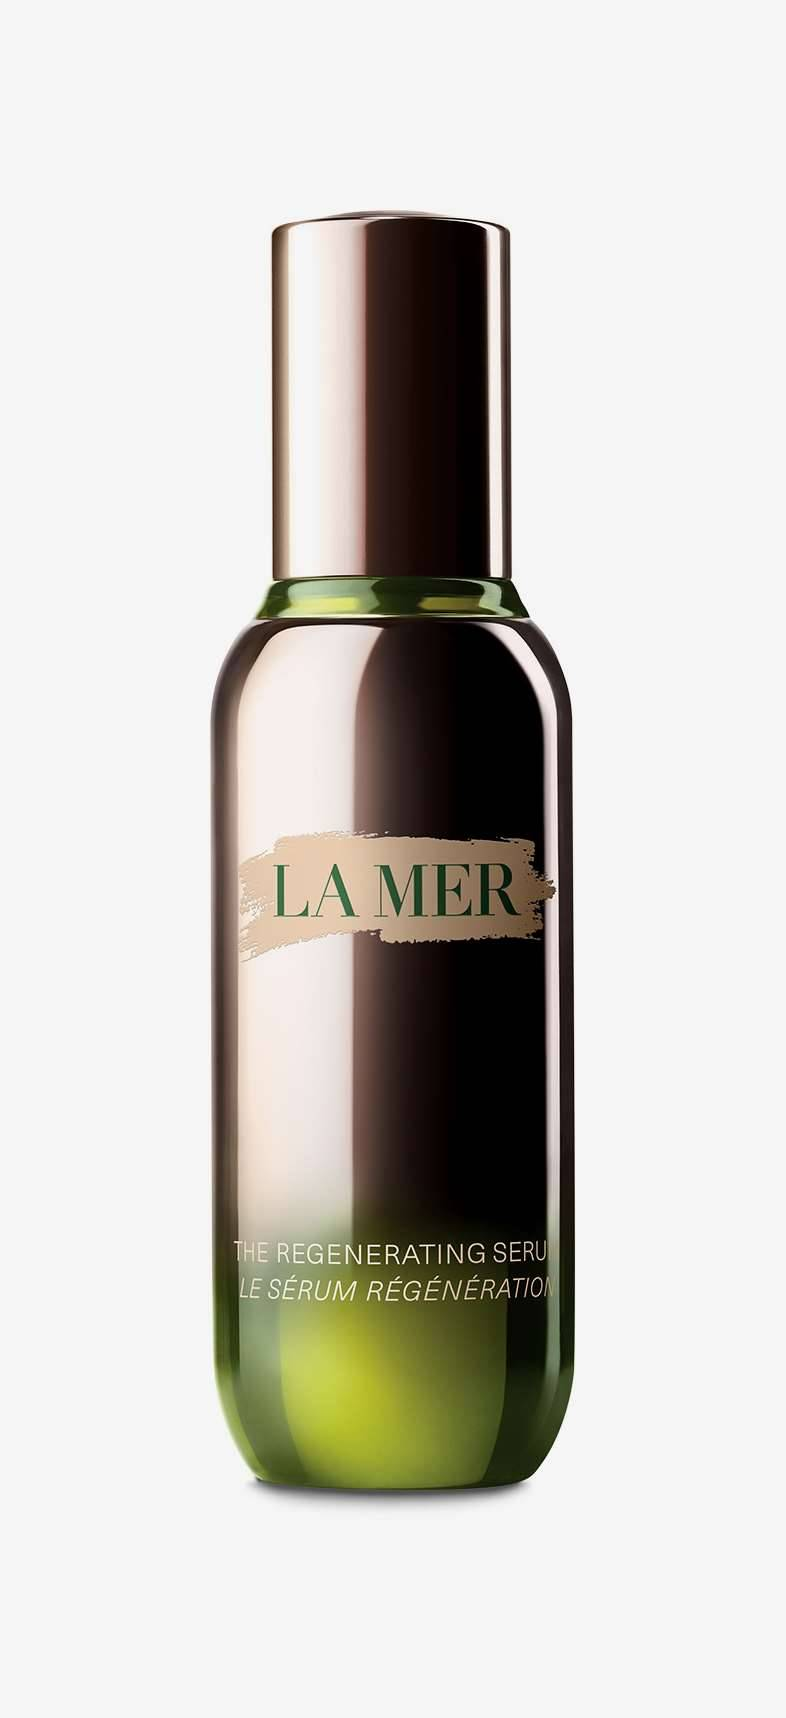 The regenerating serum från La Mer.